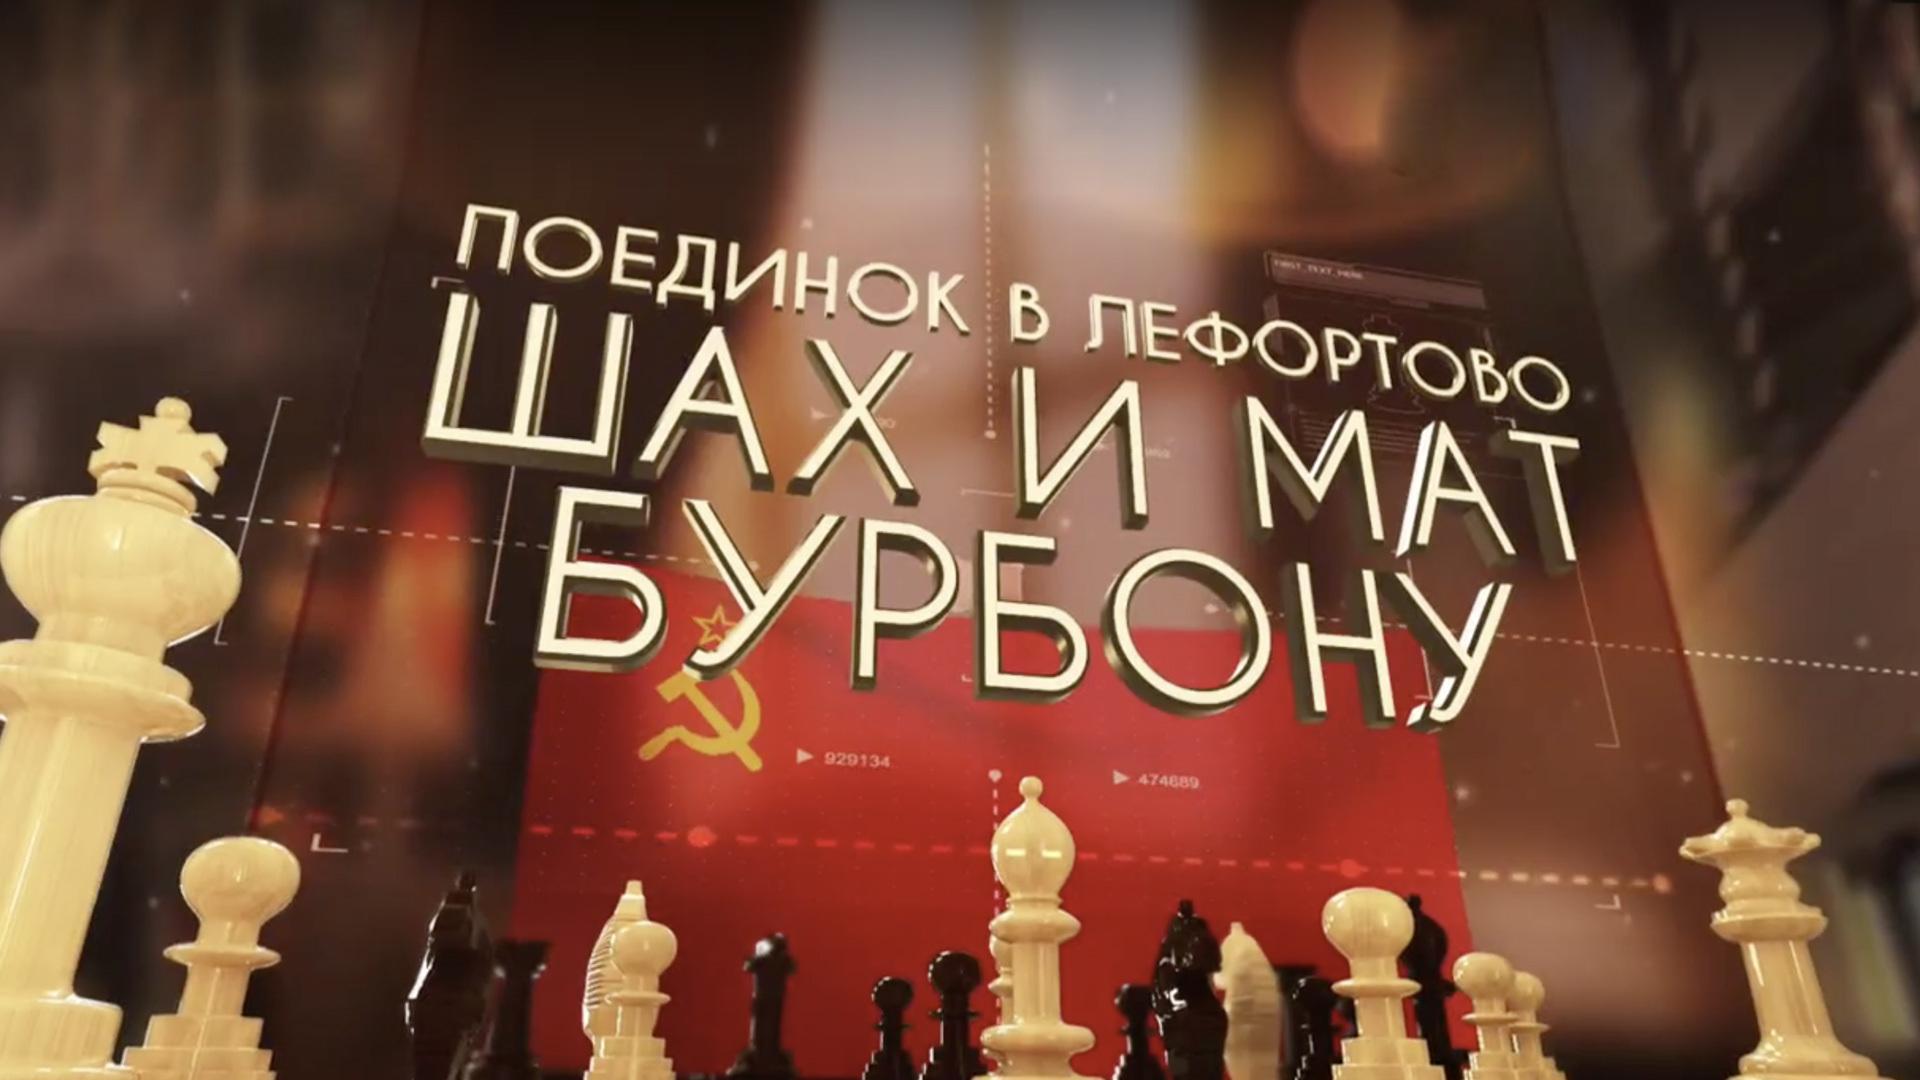 Поединок в Лефортово. Шах и мат Бурбону